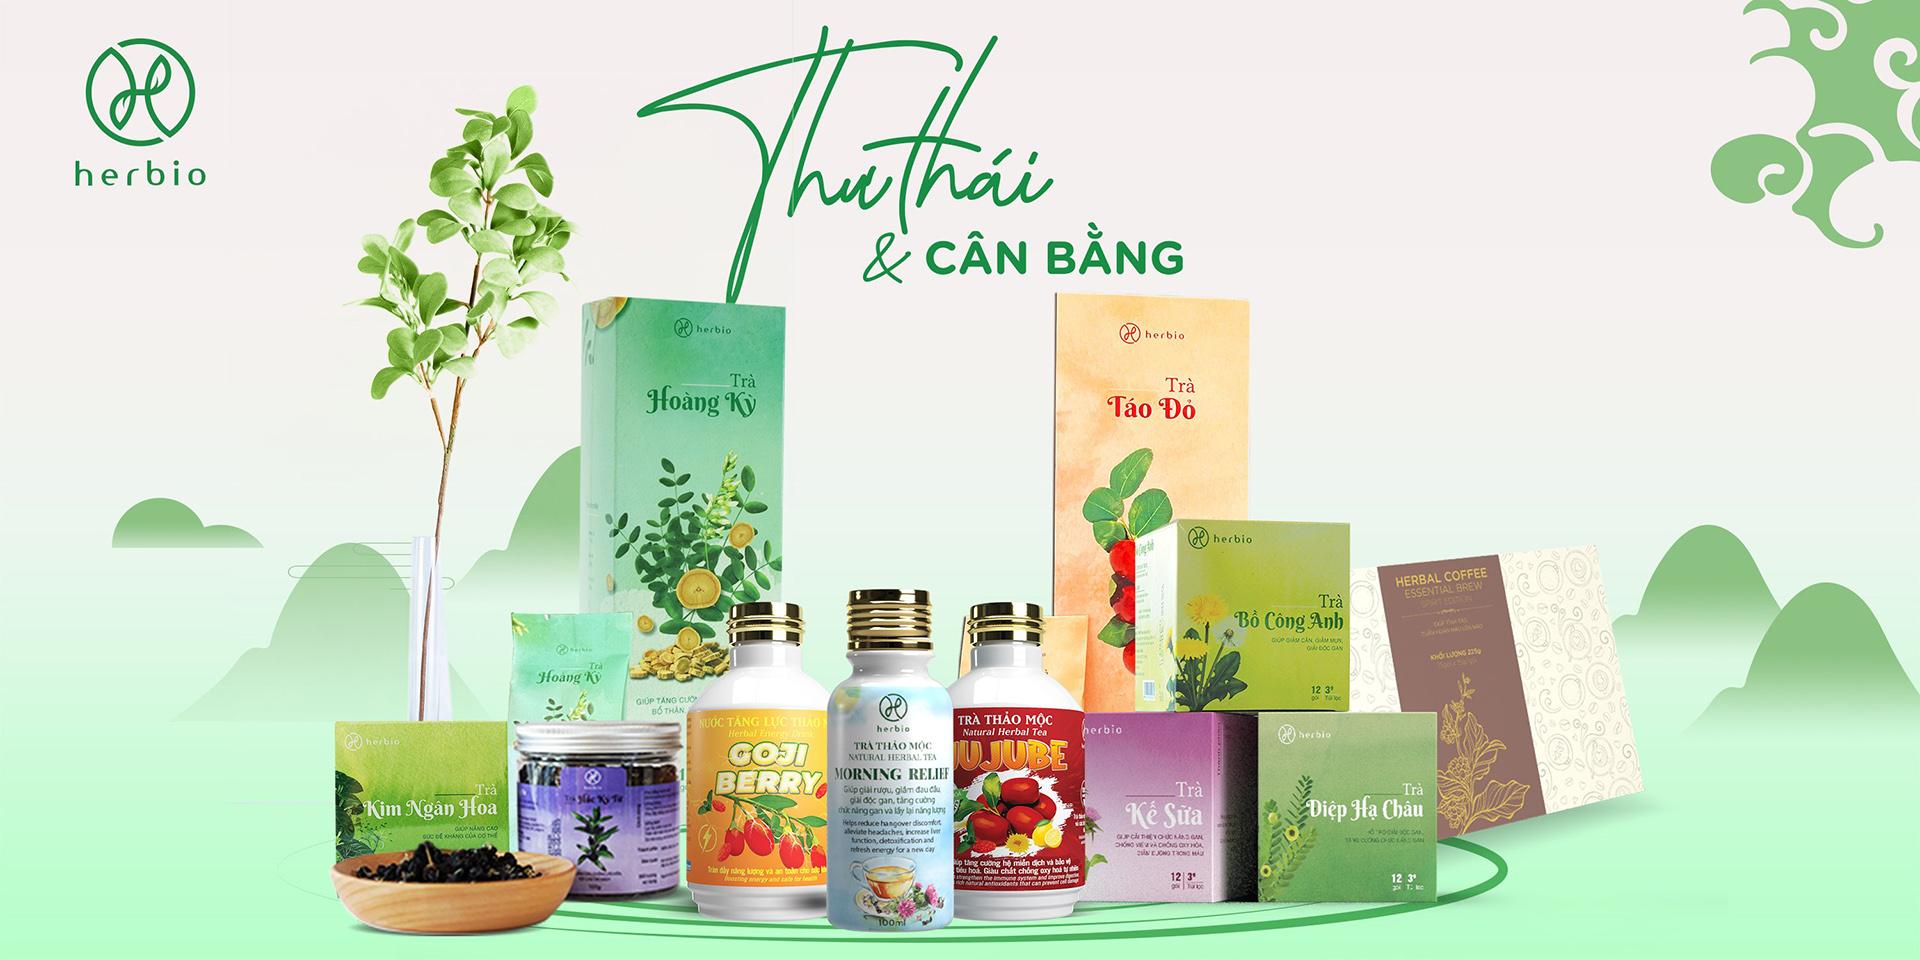 Nâng cao đề kháng trong mùa dịch bằng trà từ dược liệu quý - 12